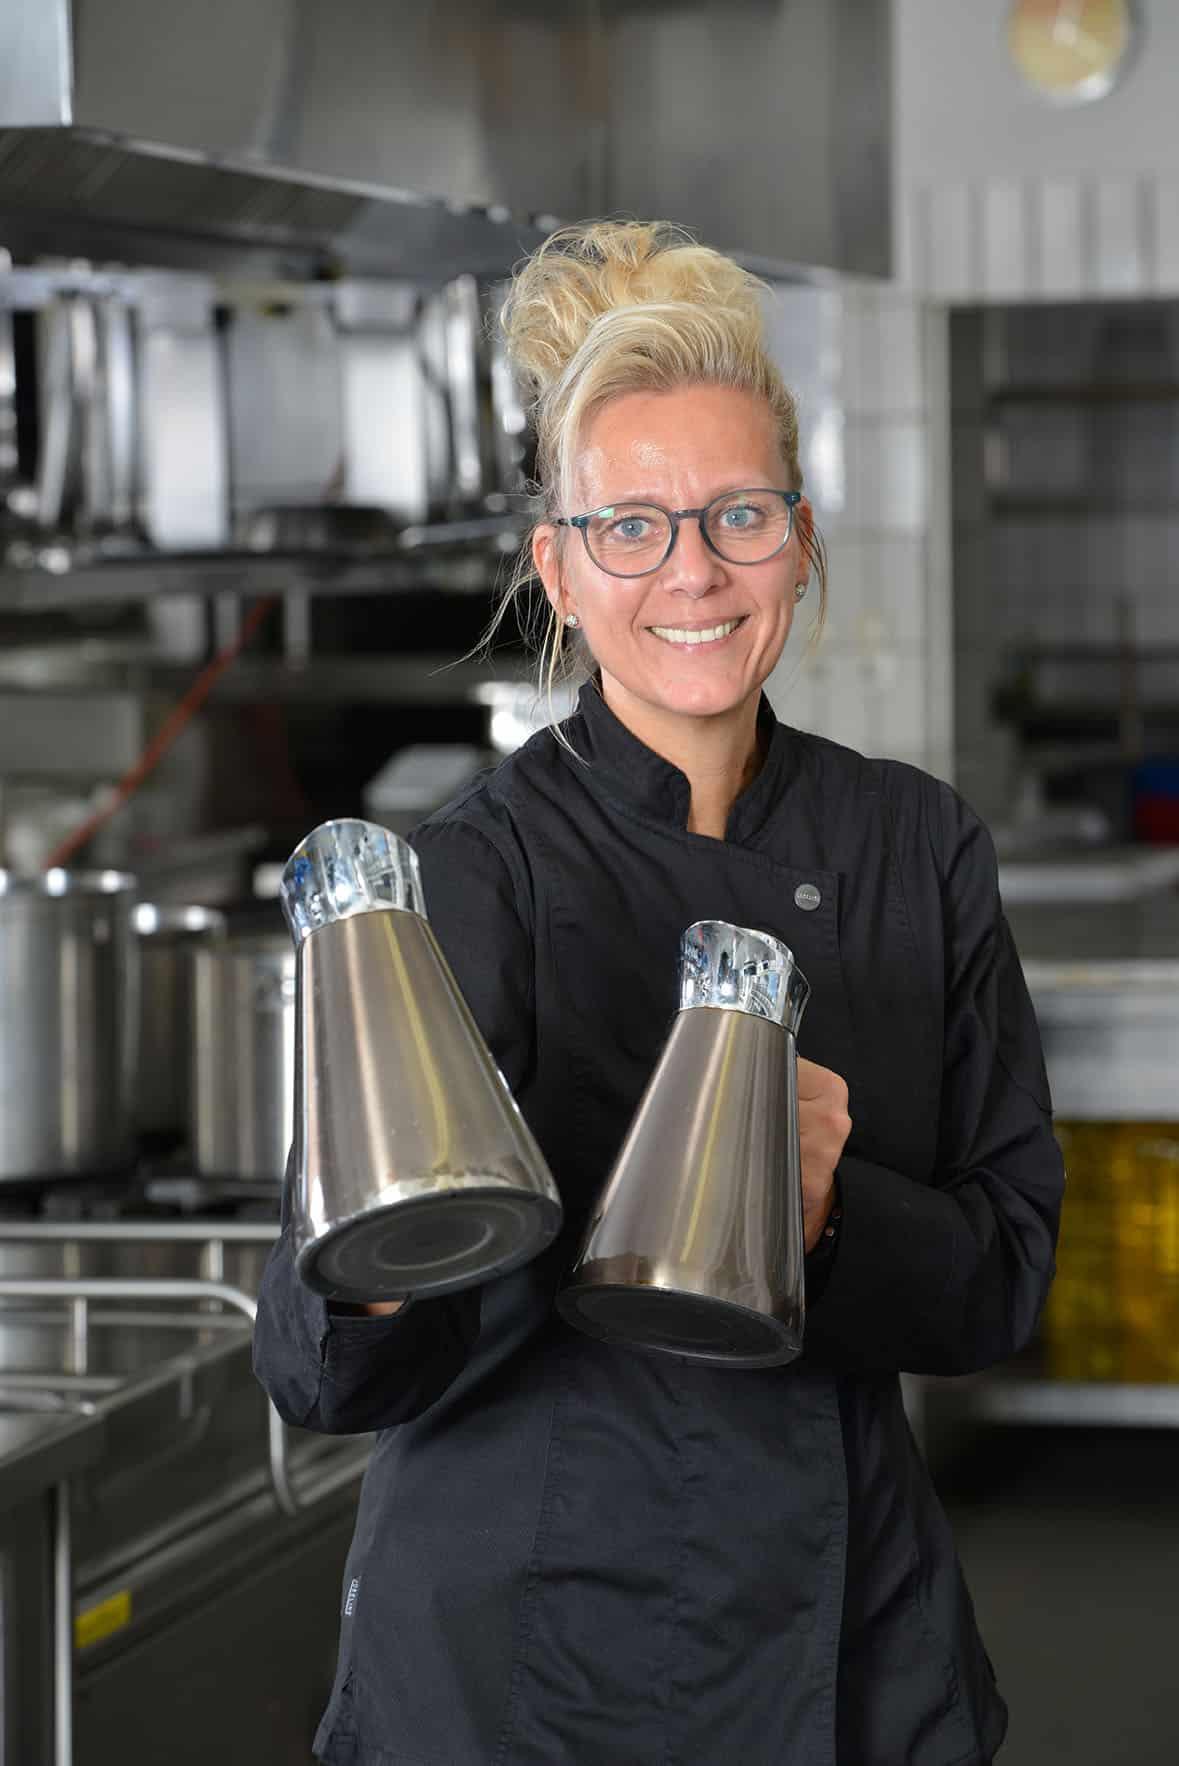 Köchin mit 2 Kaffeekannen in der Hand